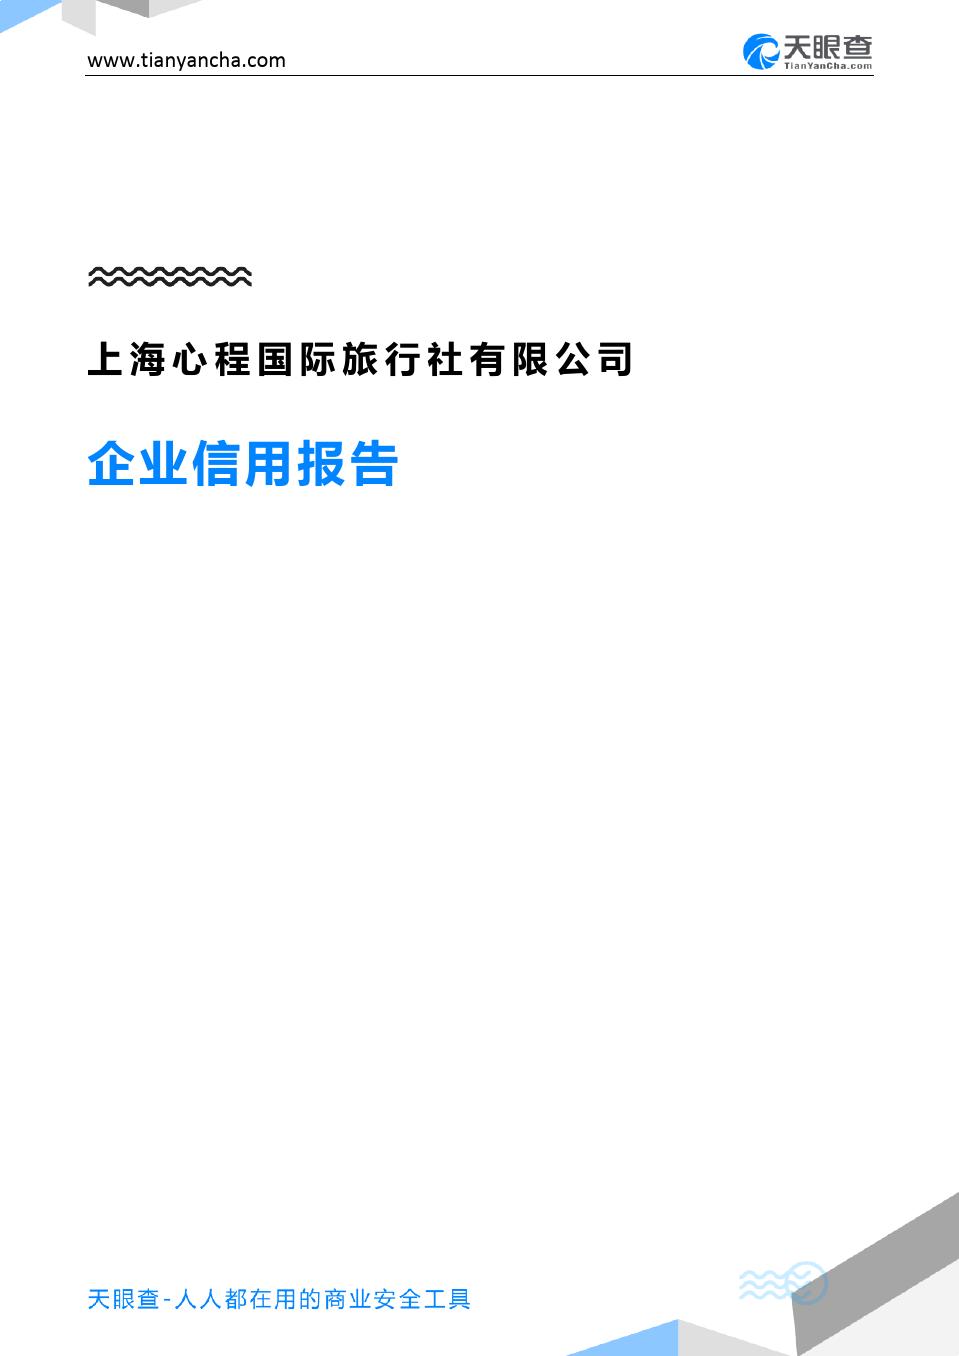 上海心程国际旅行社有限公司(企业信用报告)- 天眼查